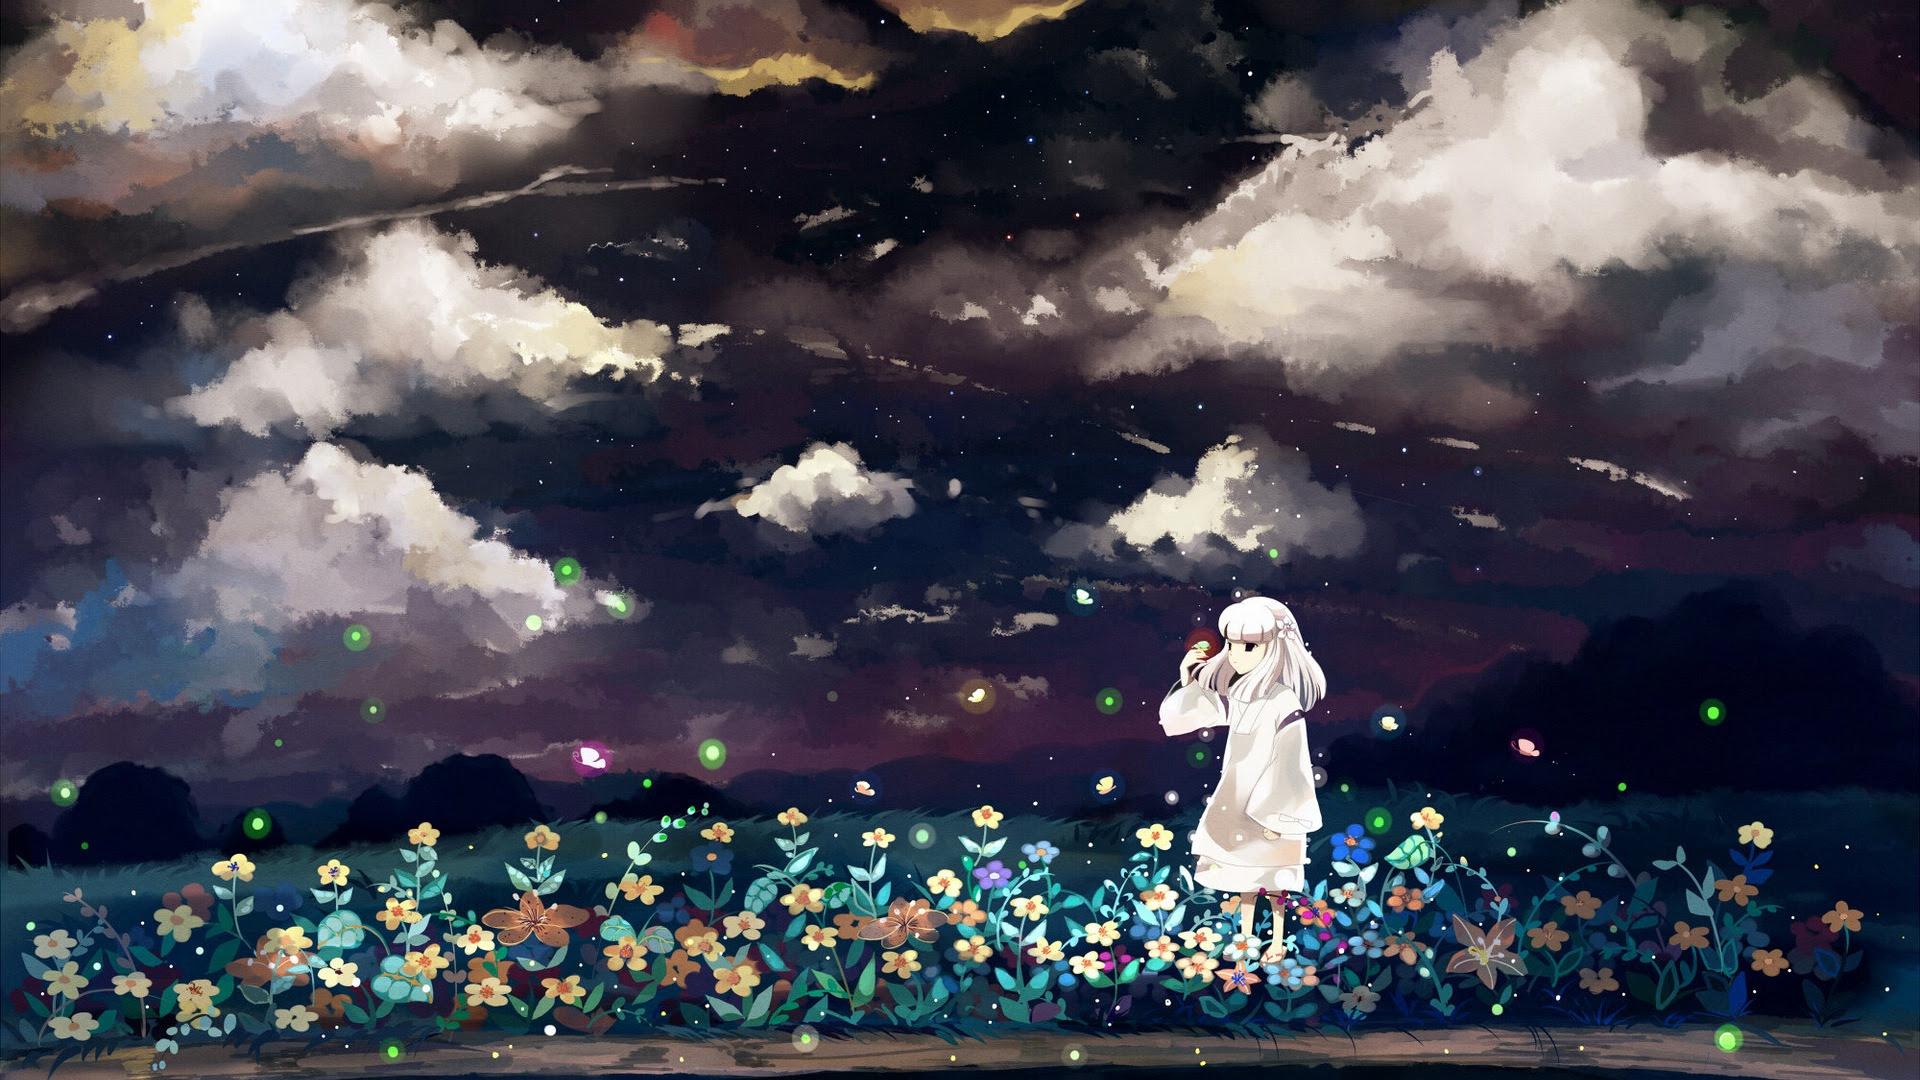 ホタル夏美しいアニメ壁紙 9 1920x1080 壁紙ダウンロード ホタル